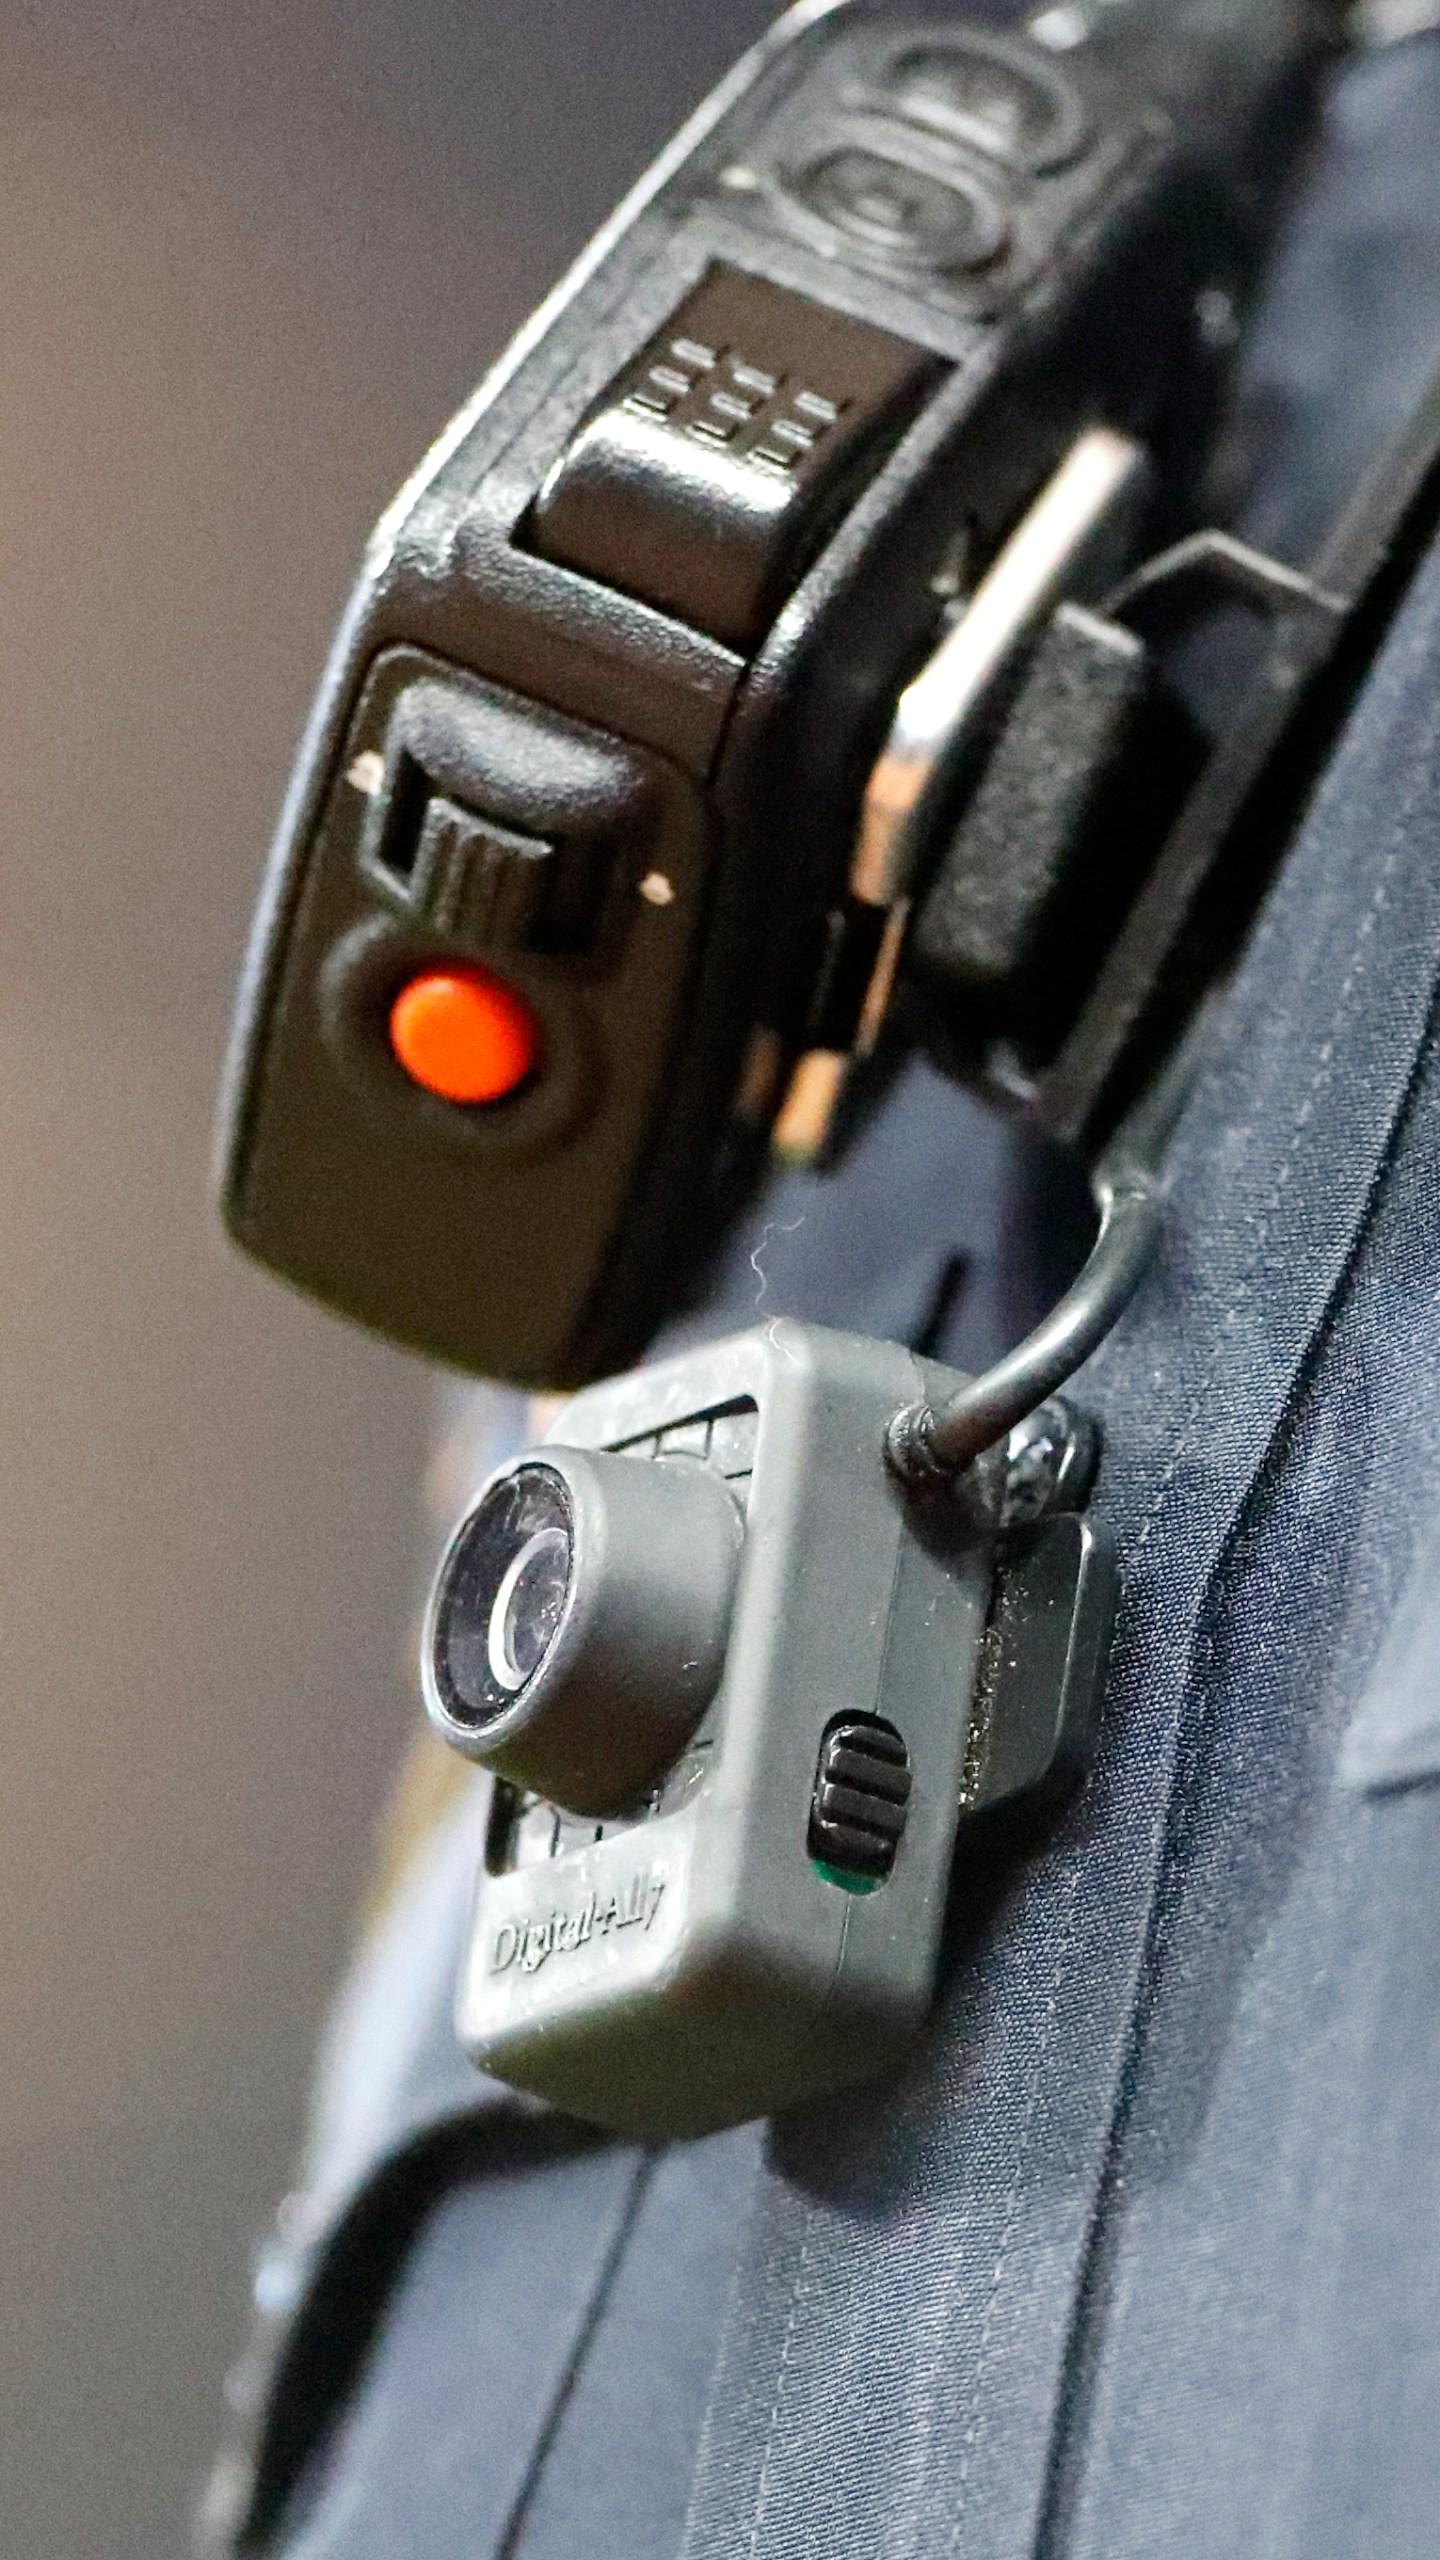 Police BODY CAMERA_1552475013356